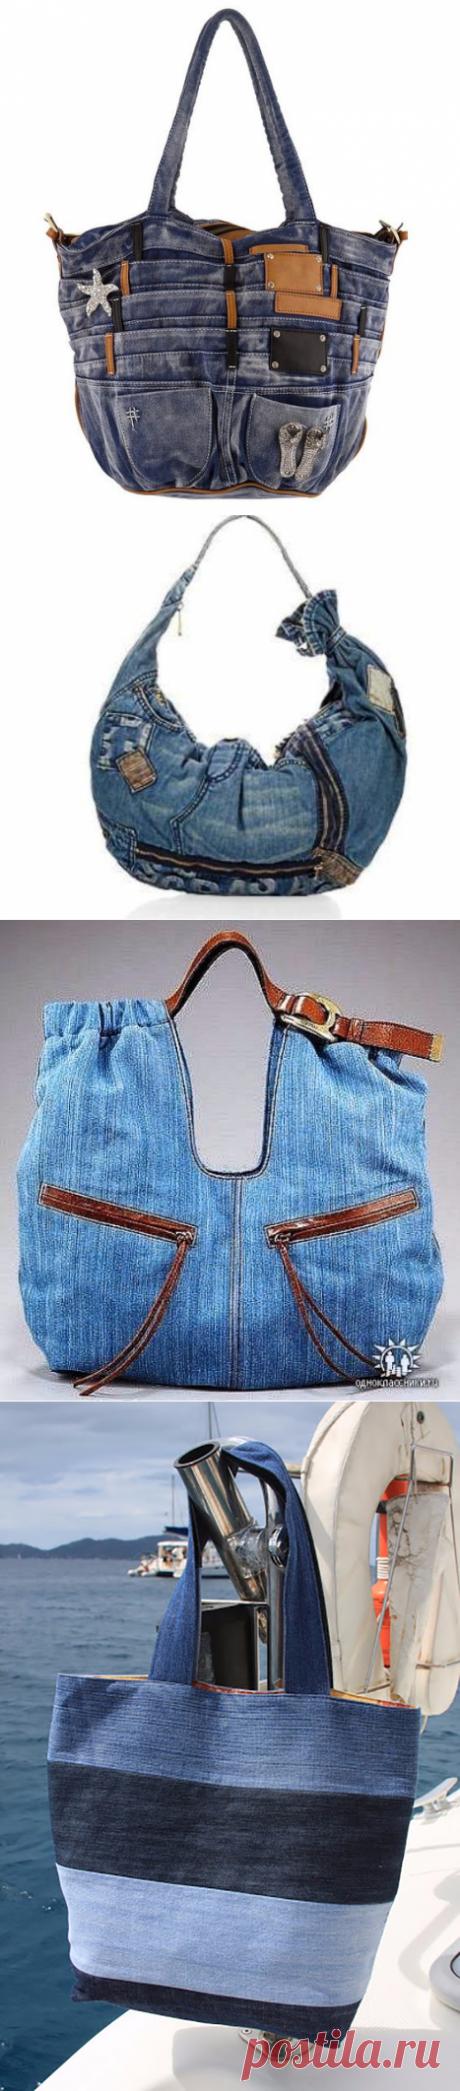 Джинсовые сумки на лето!!!